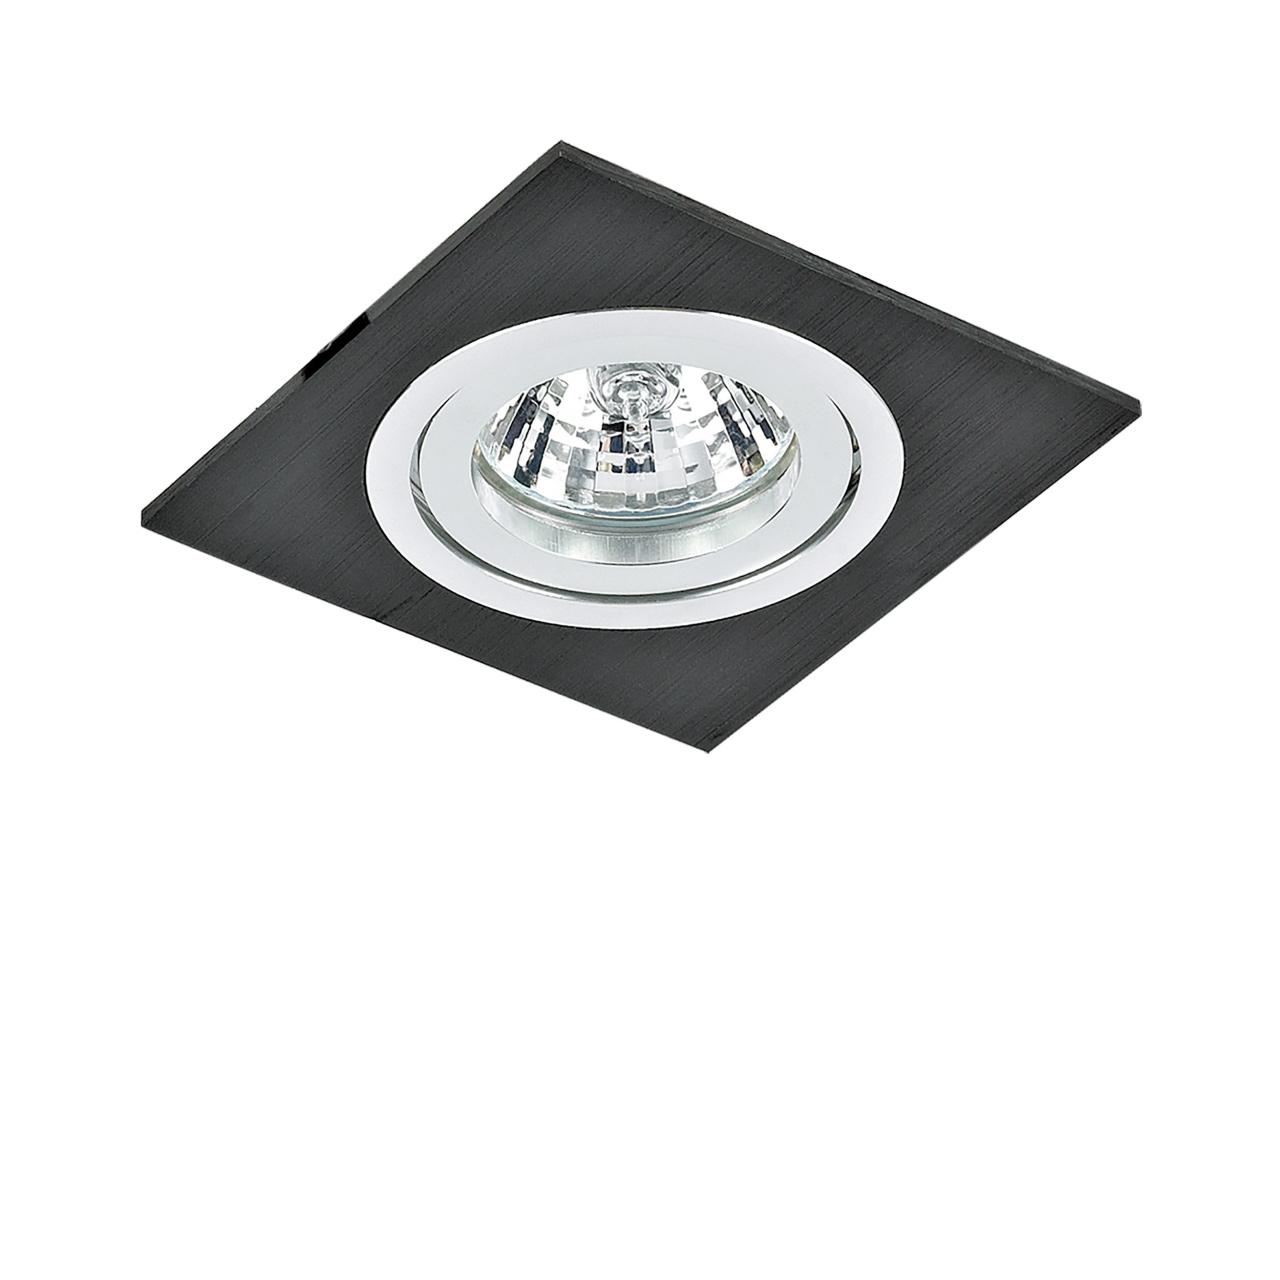 Светильник Banale WENG qua MR16 / HP16 хром Lightstar 011007